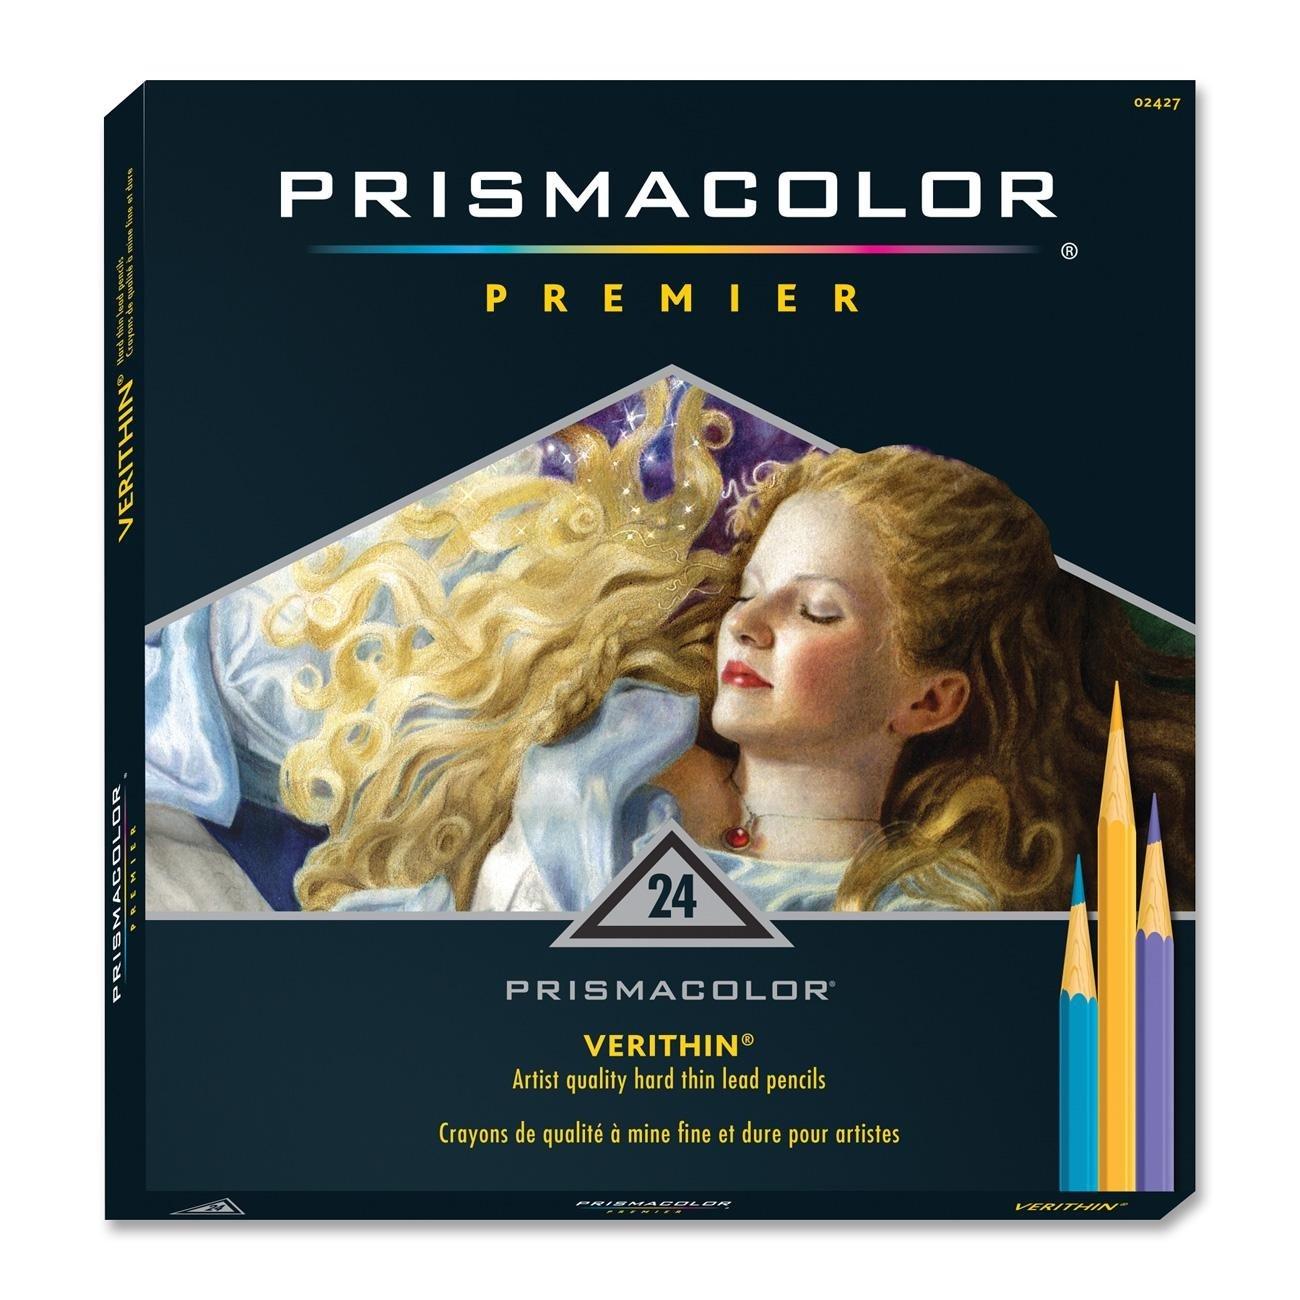 Prismacolor サンフォード プリズマカラー Verithin® 色鉛筆 アソートカラー(2476) (12色入り2パック) B01MA0DU9T